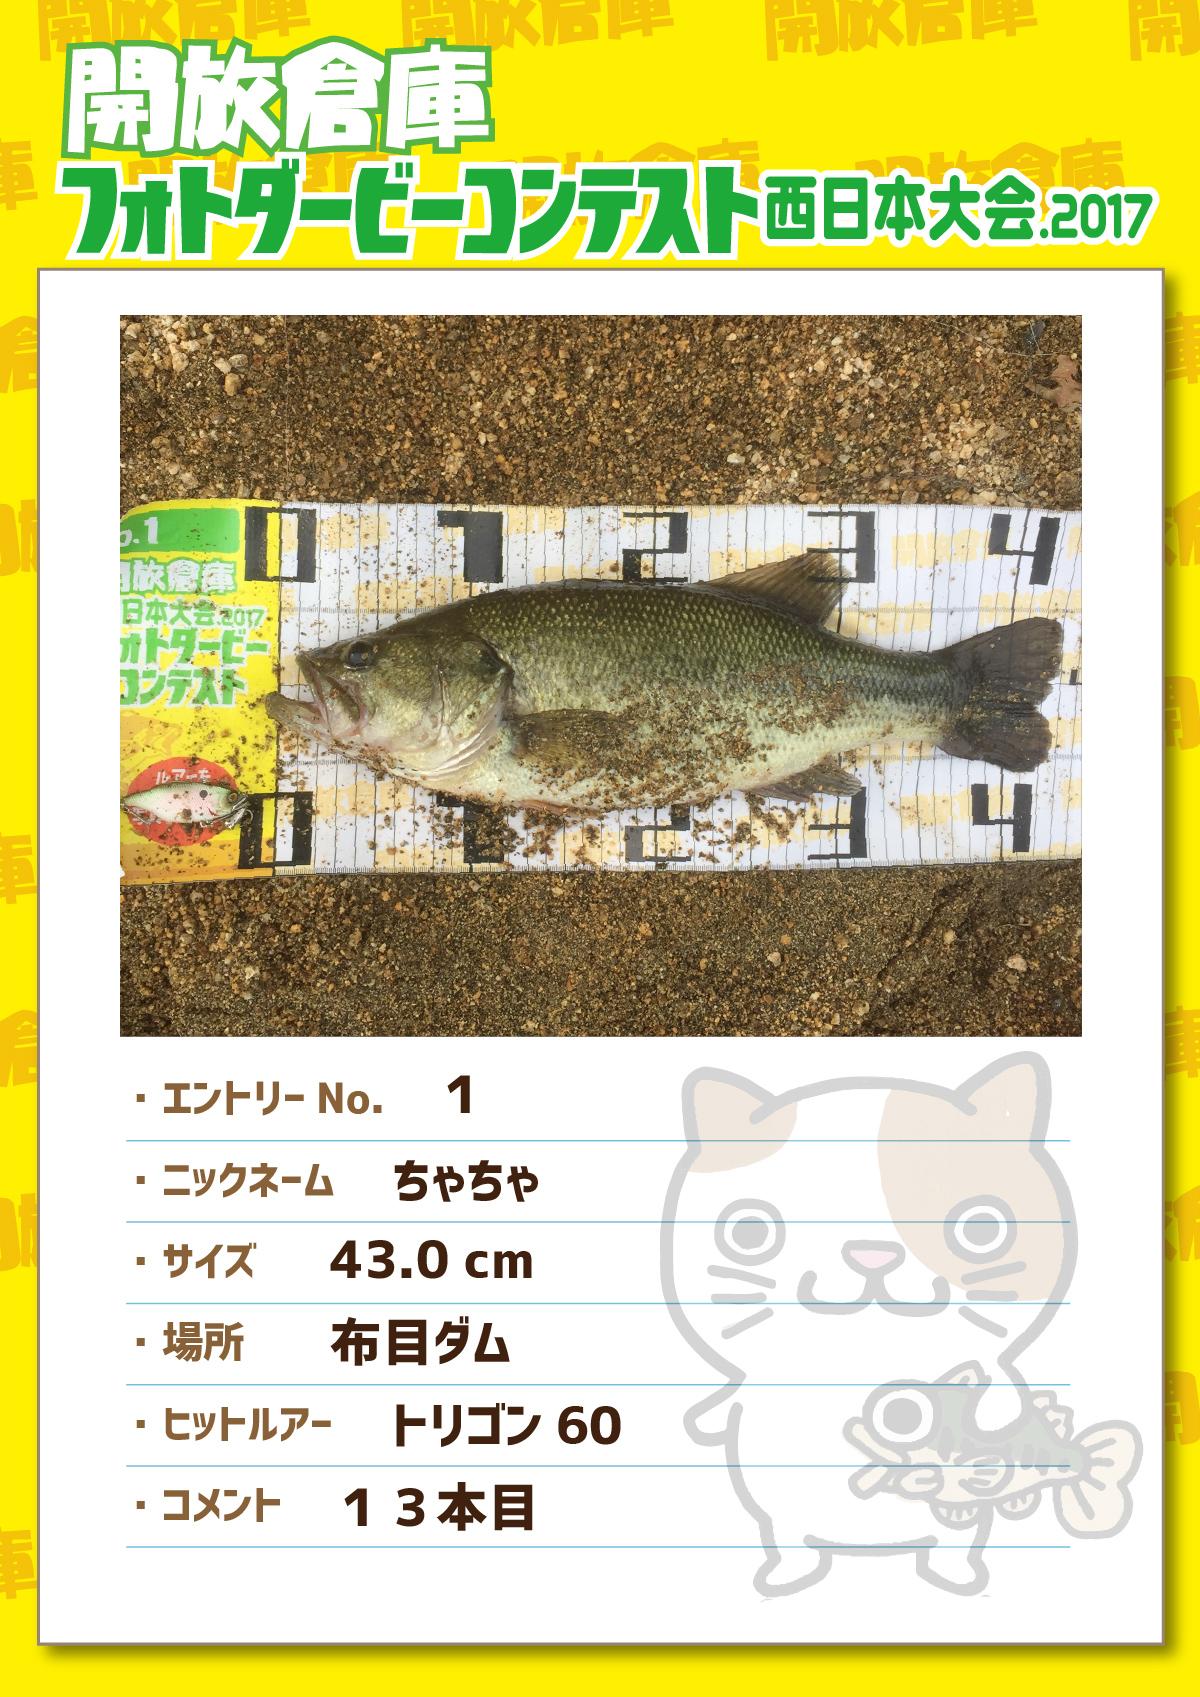 No.001 ちゃちゃ 43.0cm 布目ダム トリゴン60 13本目